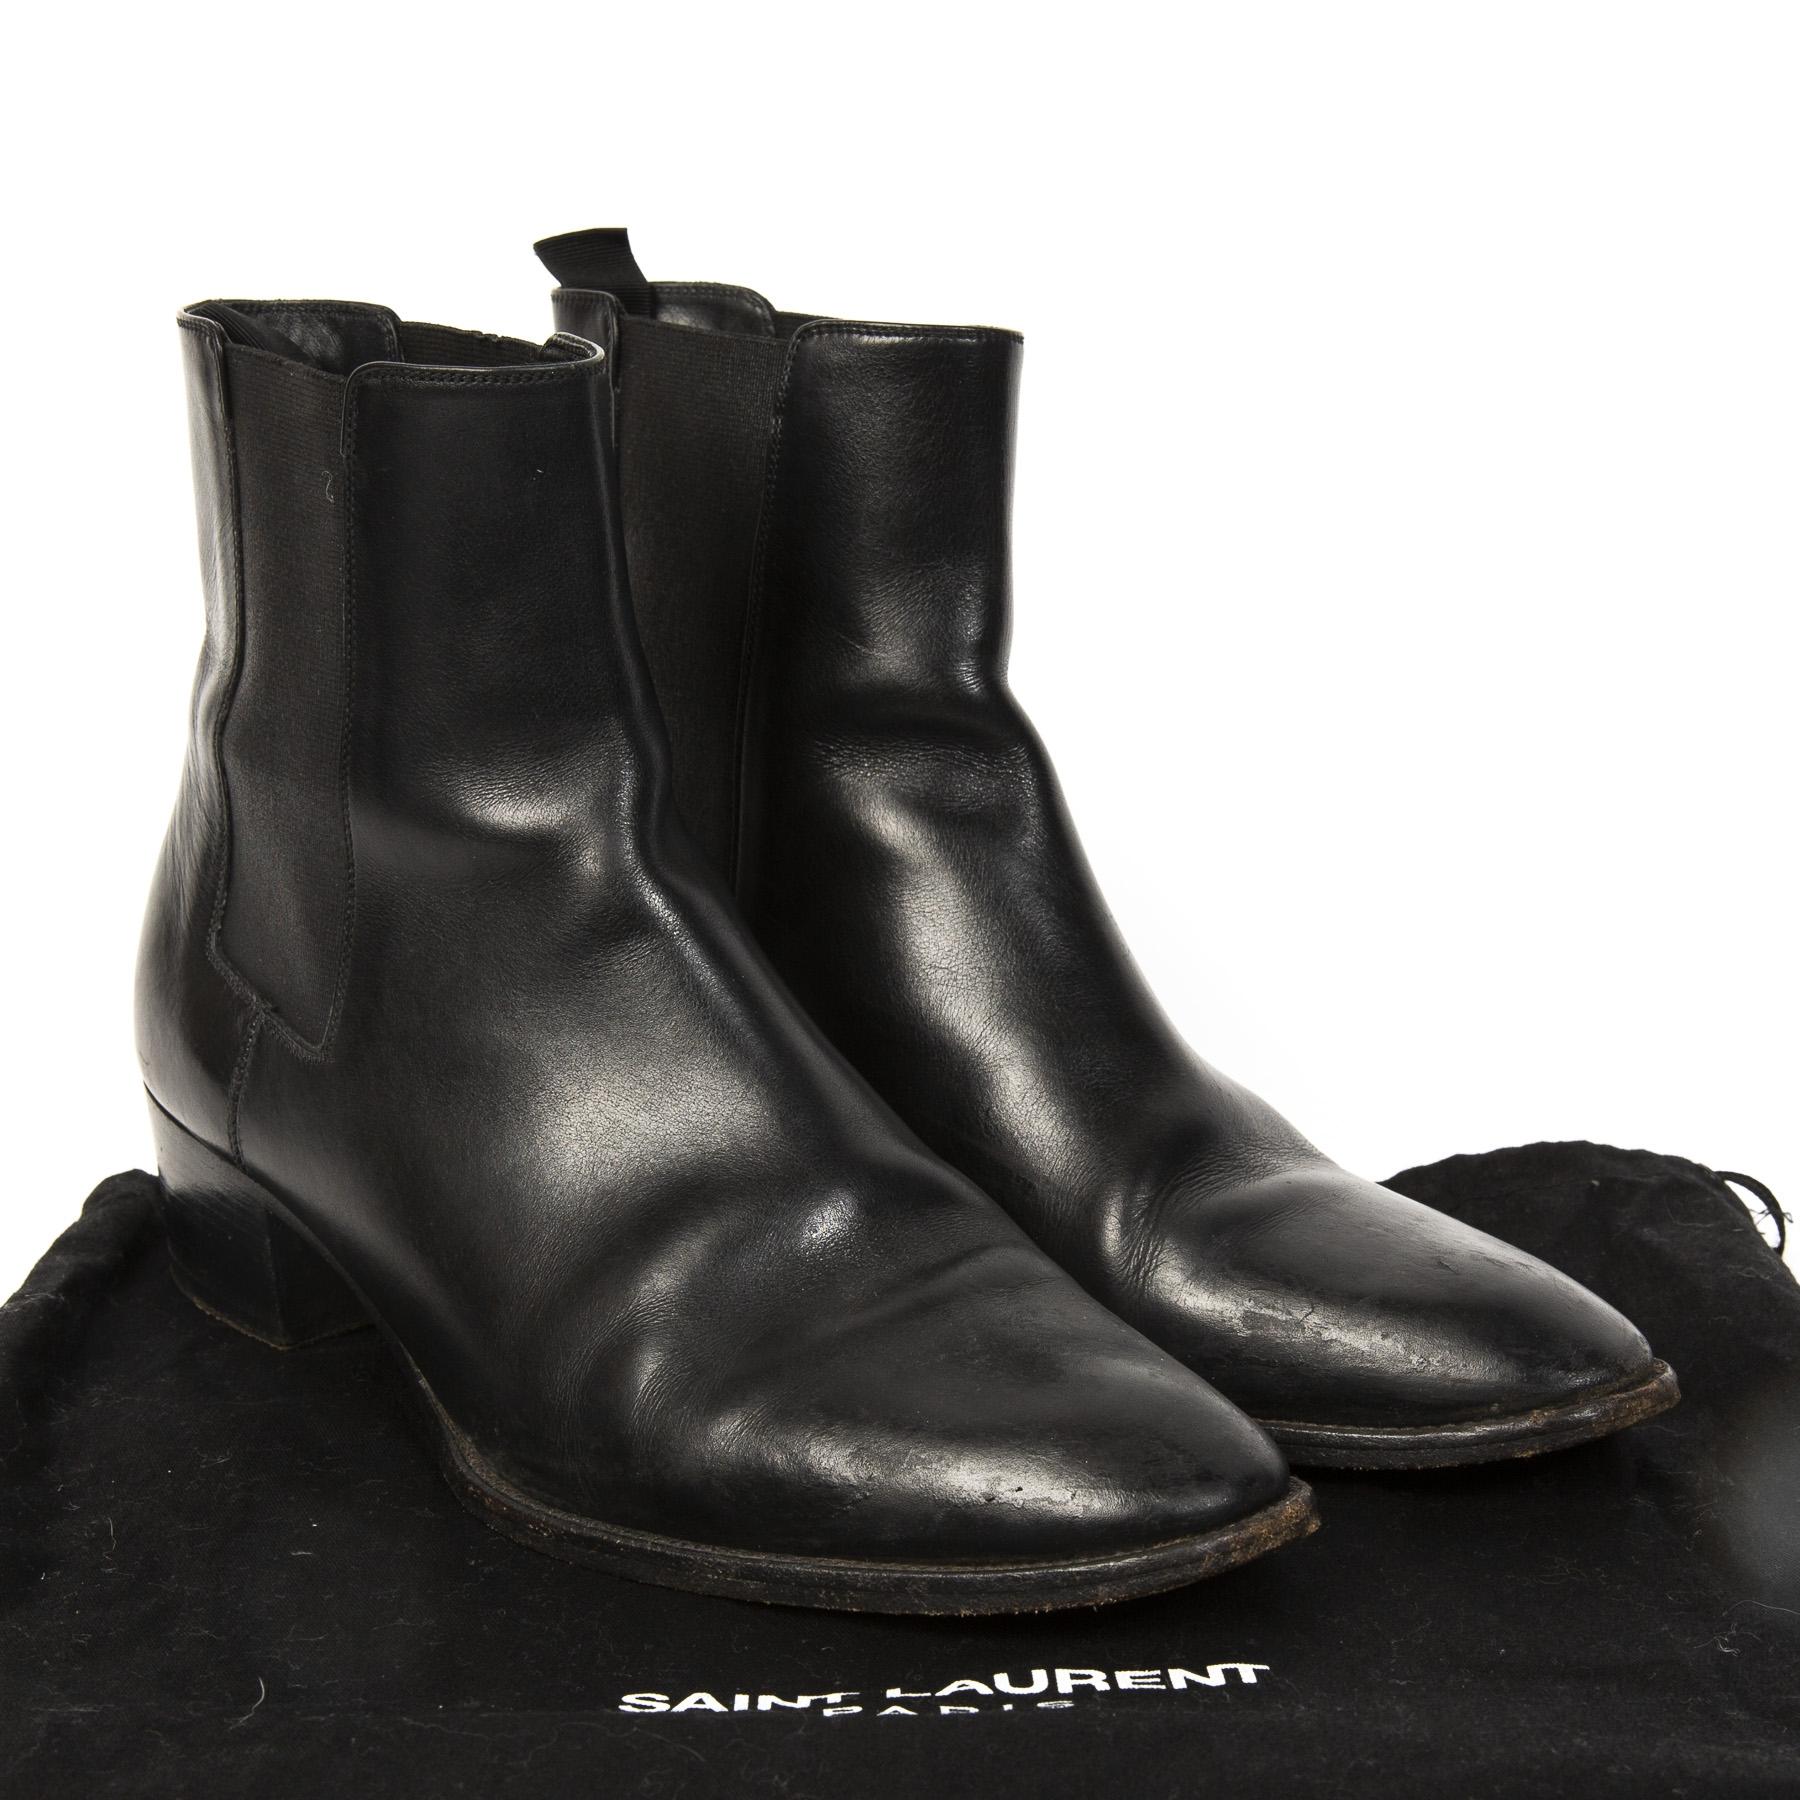 0ba6a67ce93 Buy authentic designer YSL secondhand shoes Yves Saint Laurent Black Ankle  Boots - Size 39. Buy authentic designer YSL secondhand shoes